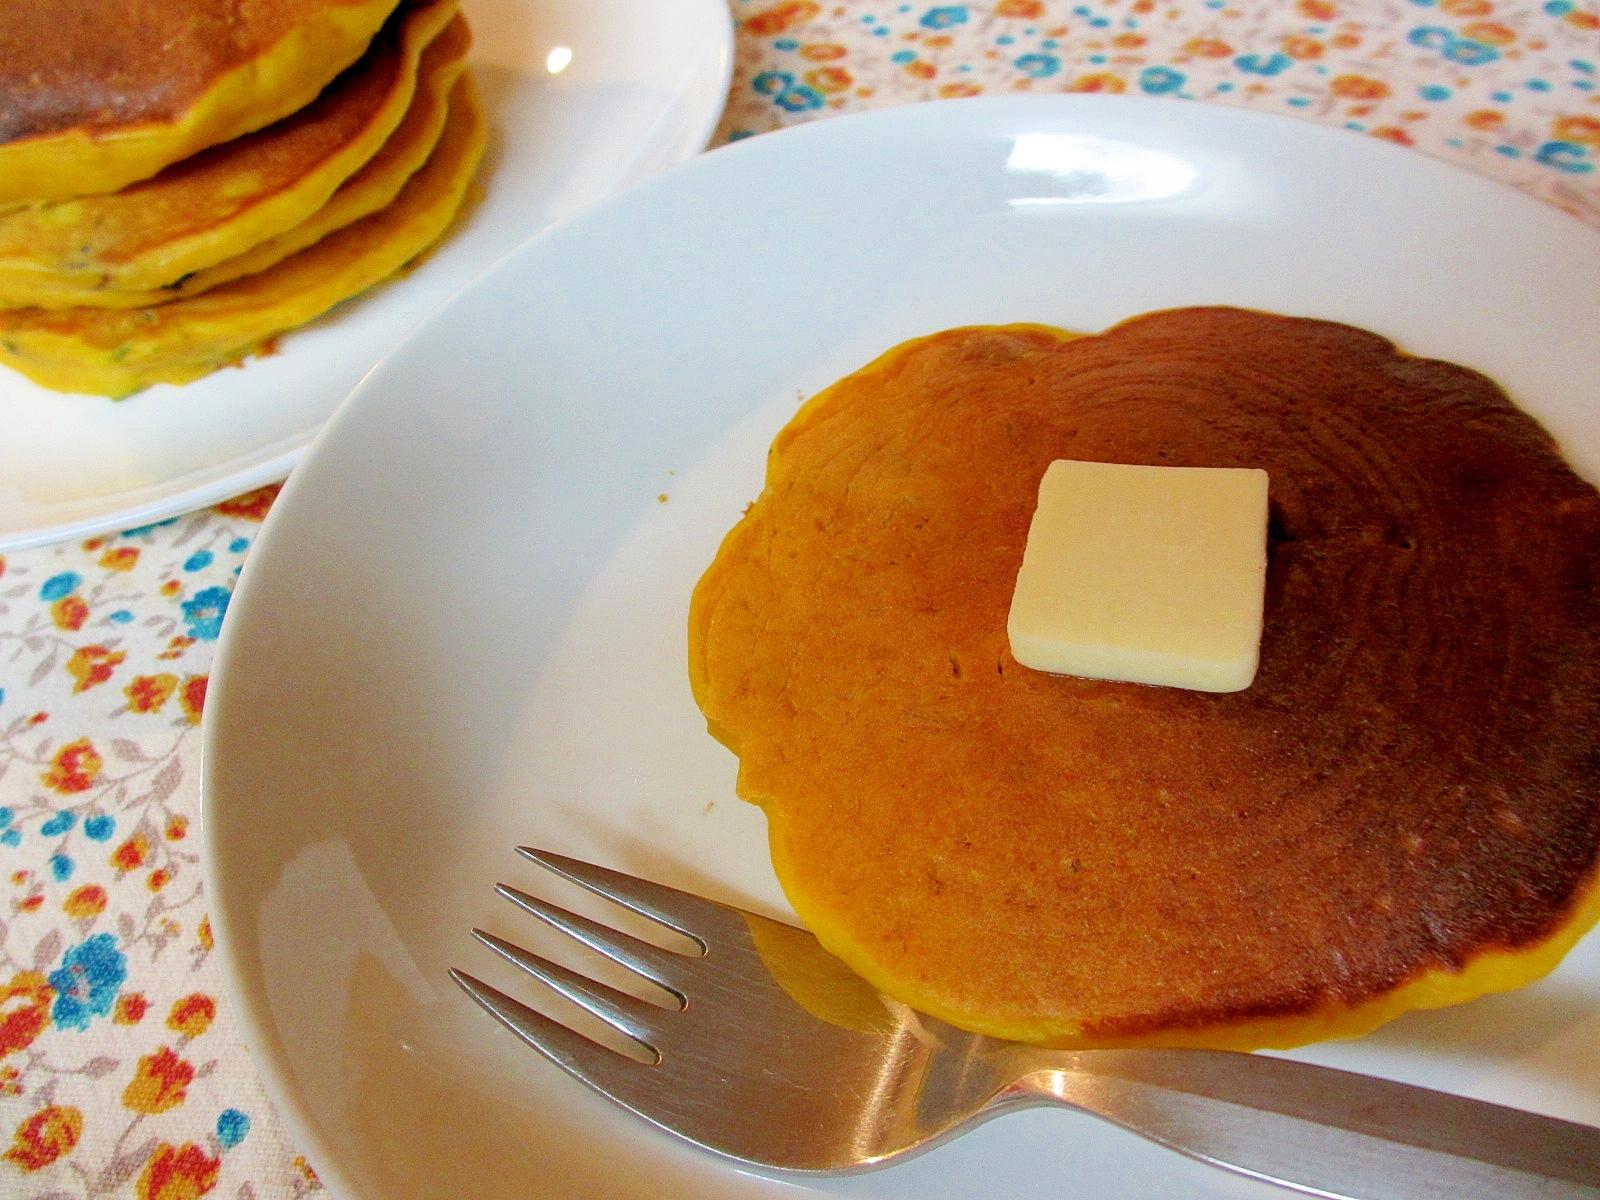 〔お手伝いレシピ〕はかりなしでかぼちゃのパンケーキ